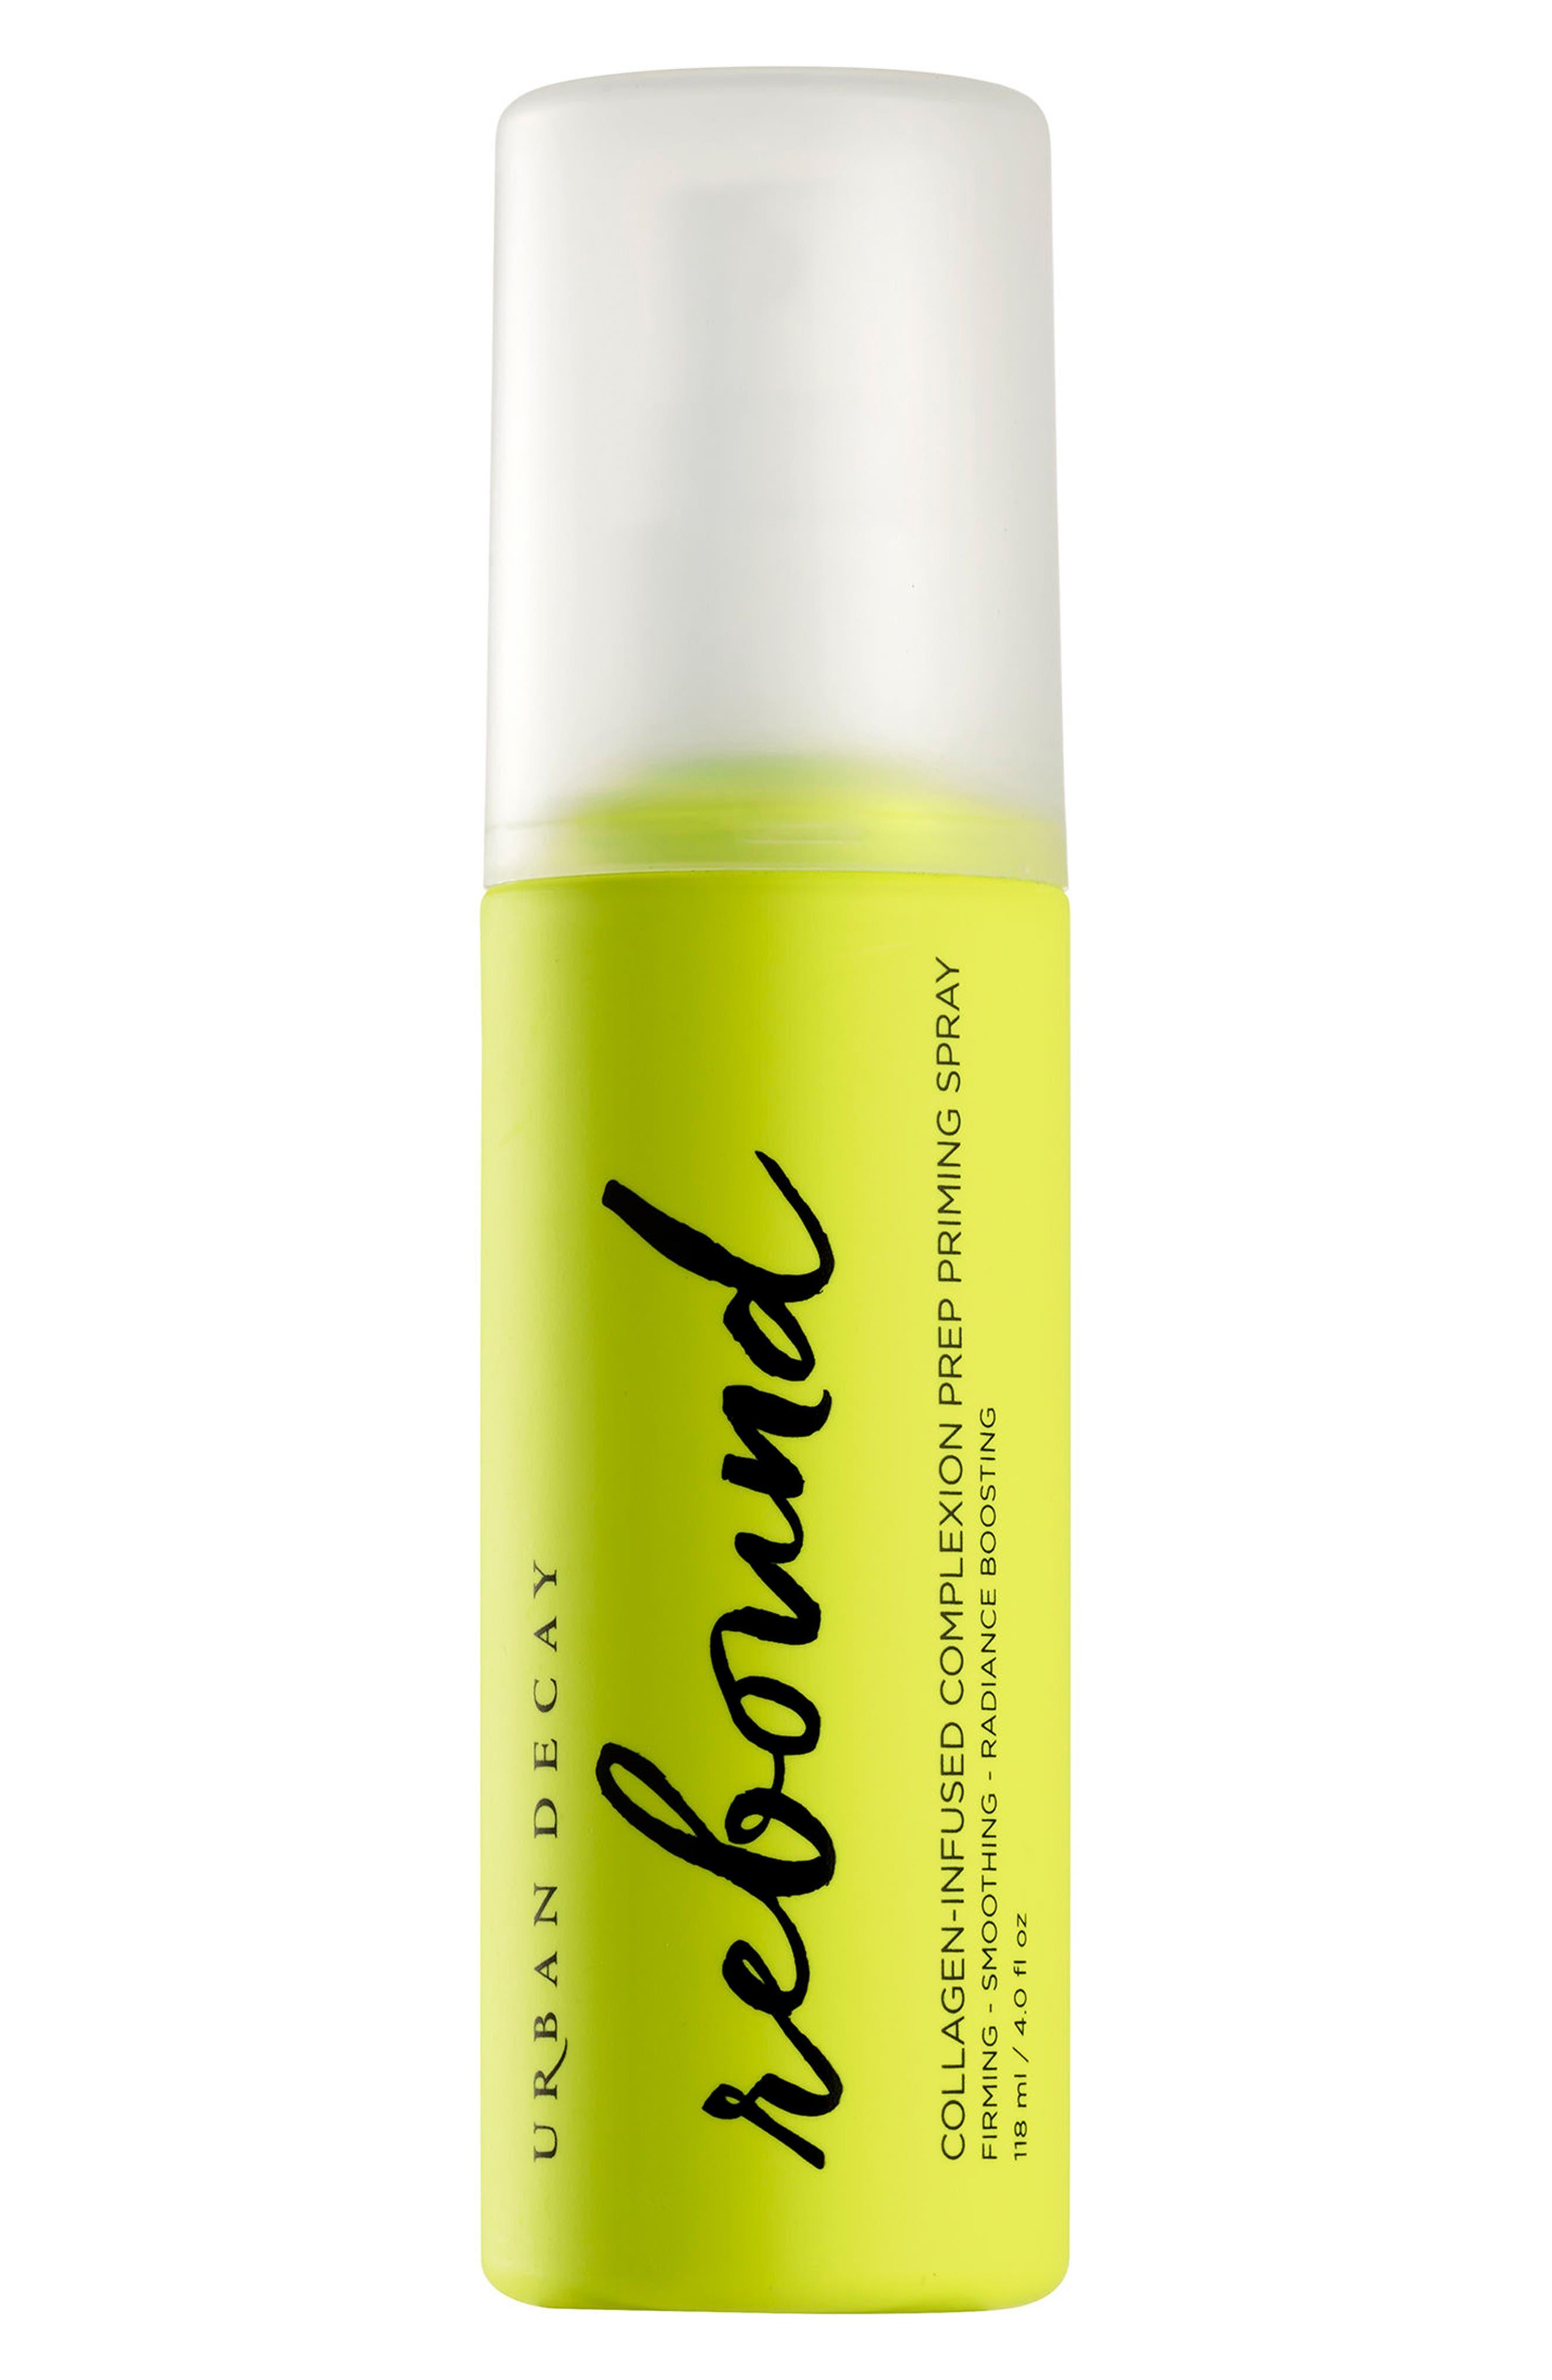 Rebound Collagen-Infused Complexion Prep Priming Spray,                         Main,                         color, No Color